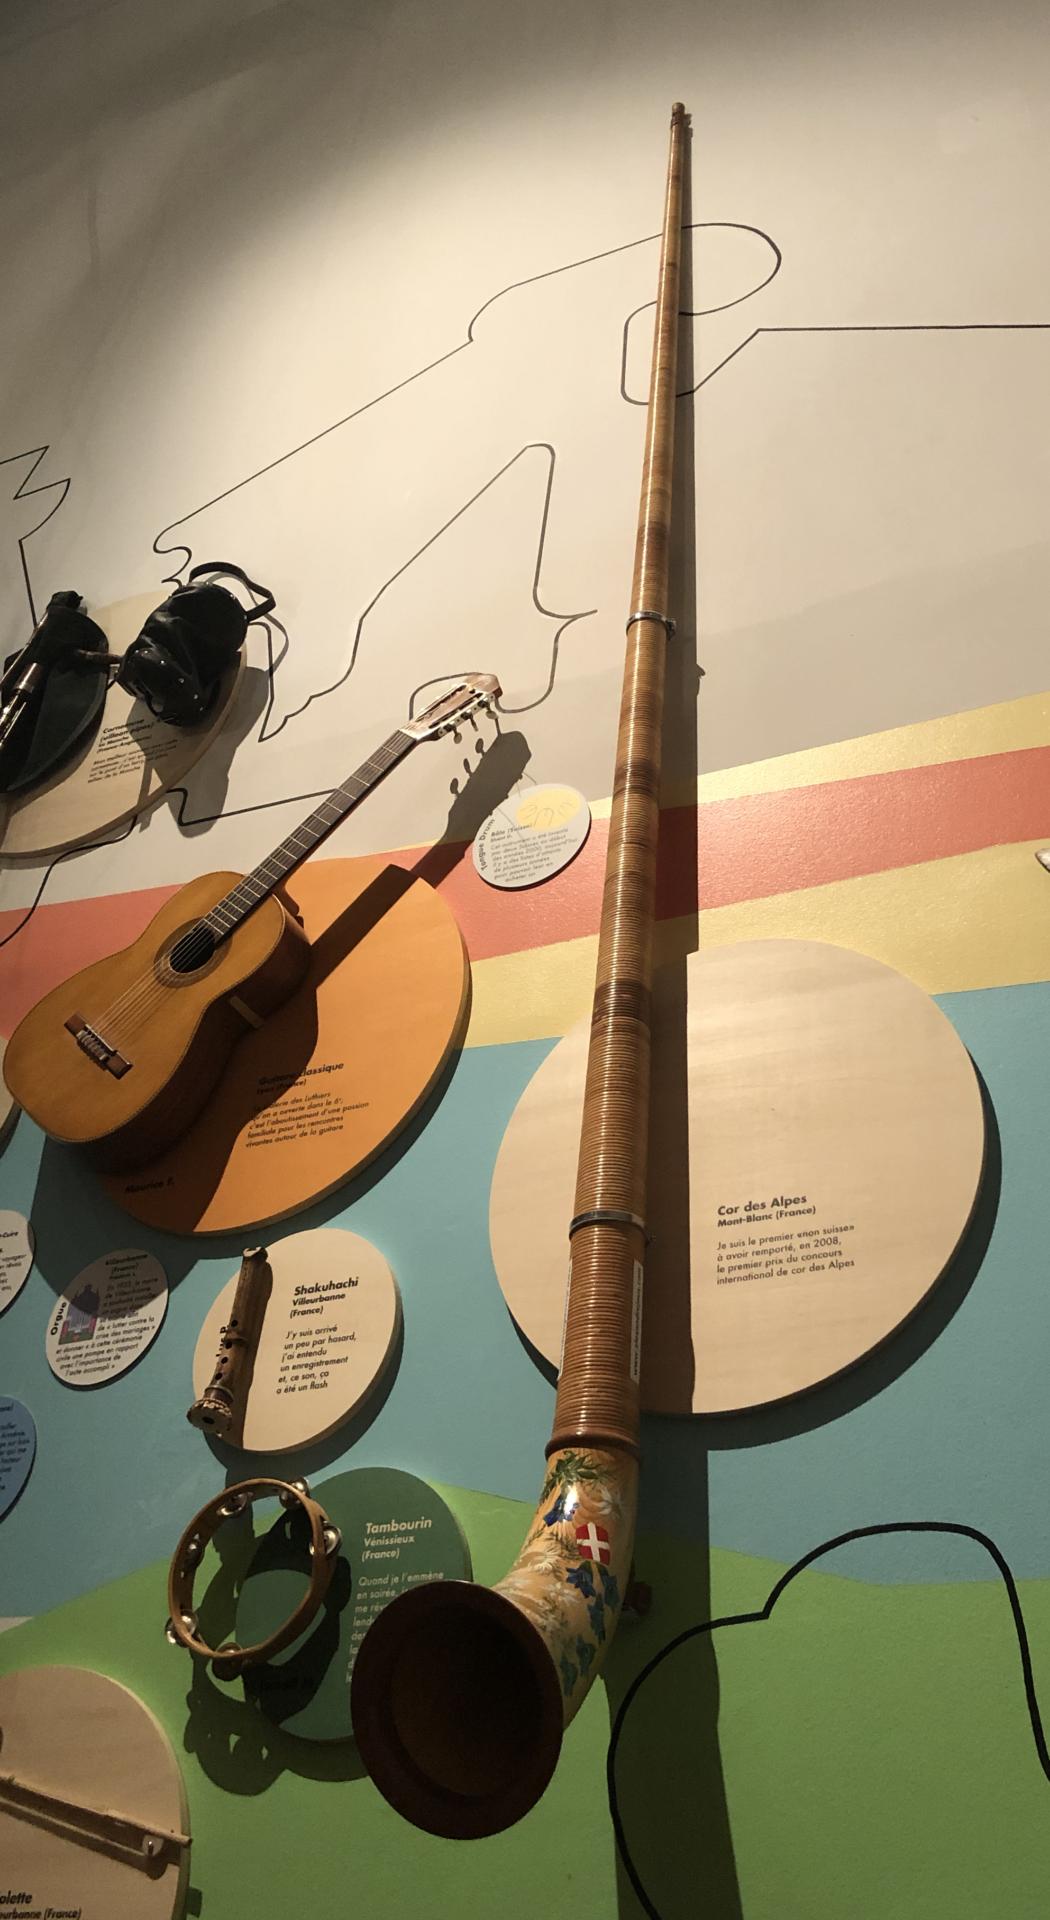 Le cor des Alpes, un instrument incolite de plus de 4 mètres de haut.